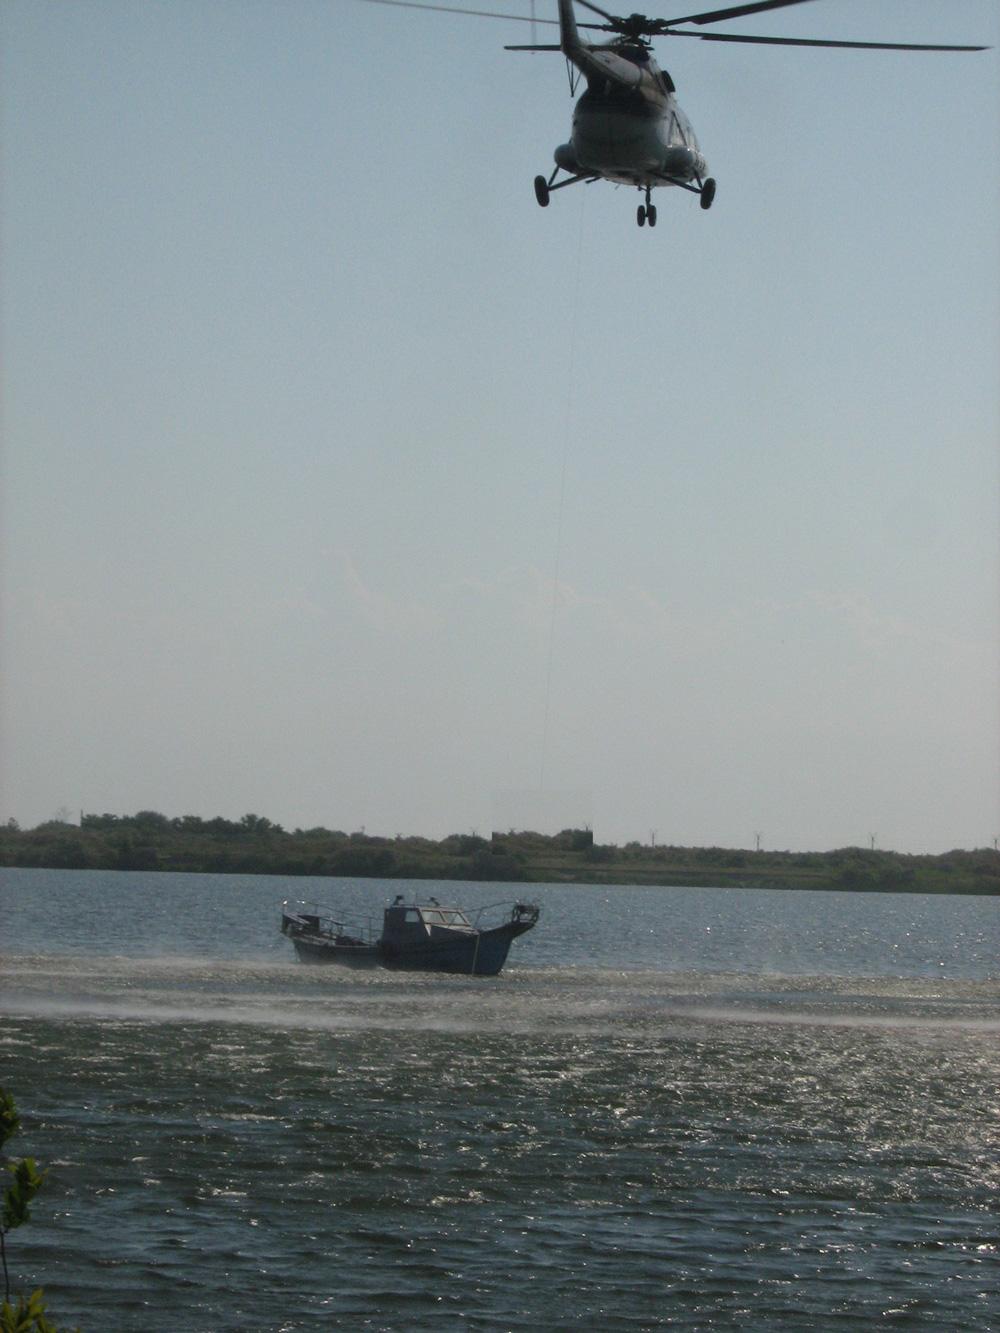 Aparatele de zbor pot survola teritoriul Rezervaţiei doar în baza unui permis eliberat de ARBDD: cel mai conştiincios e Ion Ţiriac!